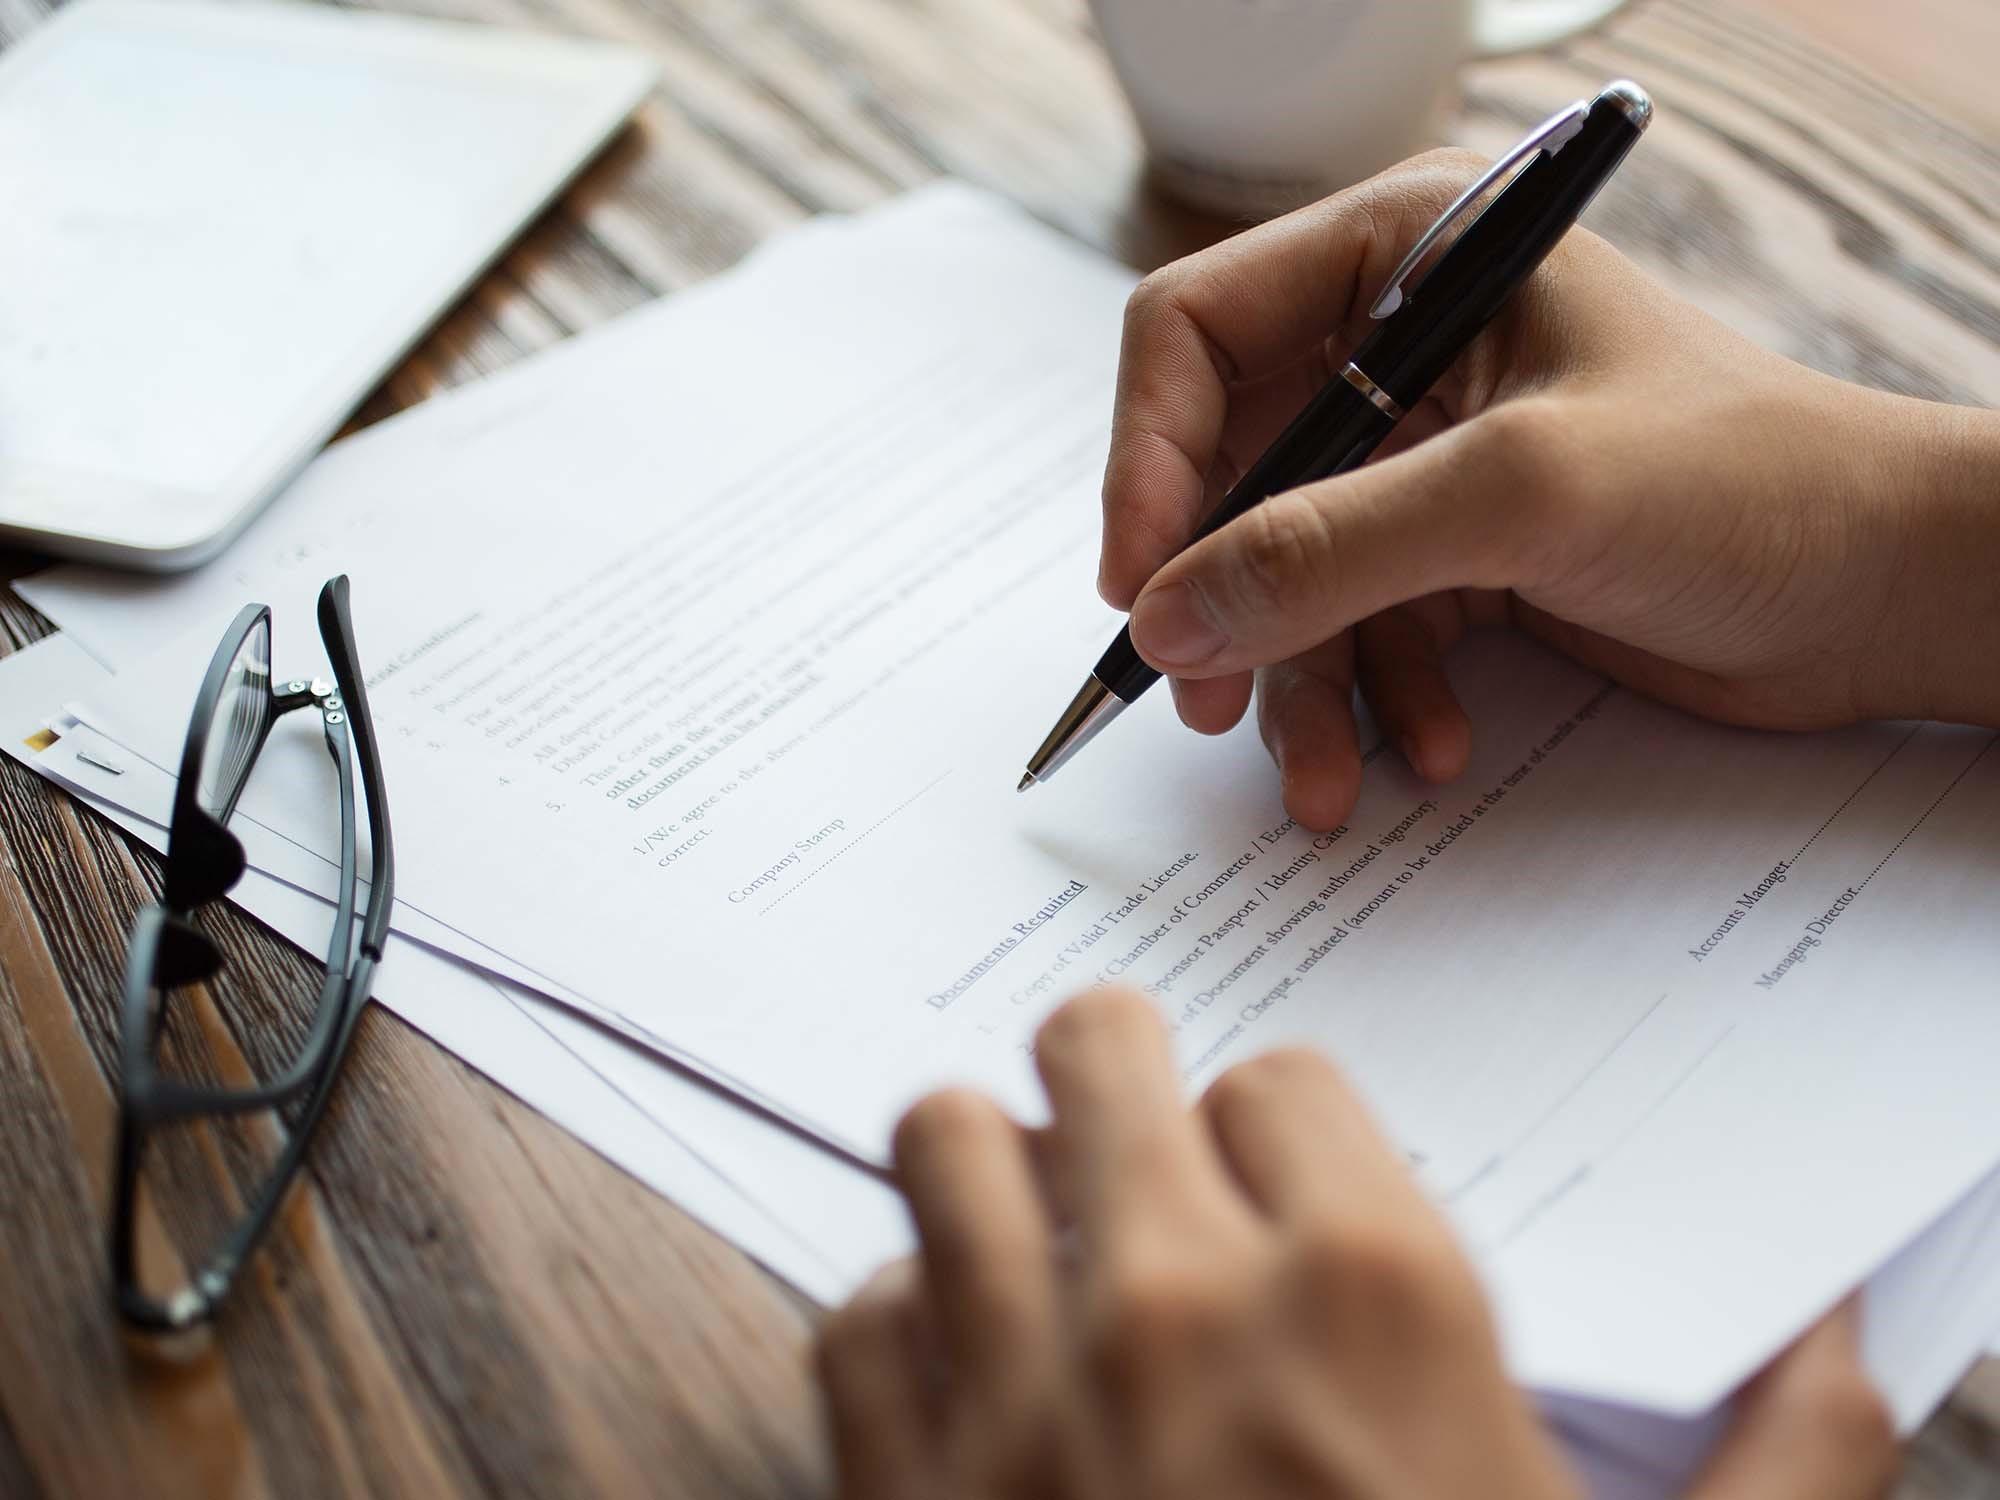 در فرم مشخصات برای دادخواست طلاق از طرف زوجه لازم است که موضوع طلاق ثبت گردد